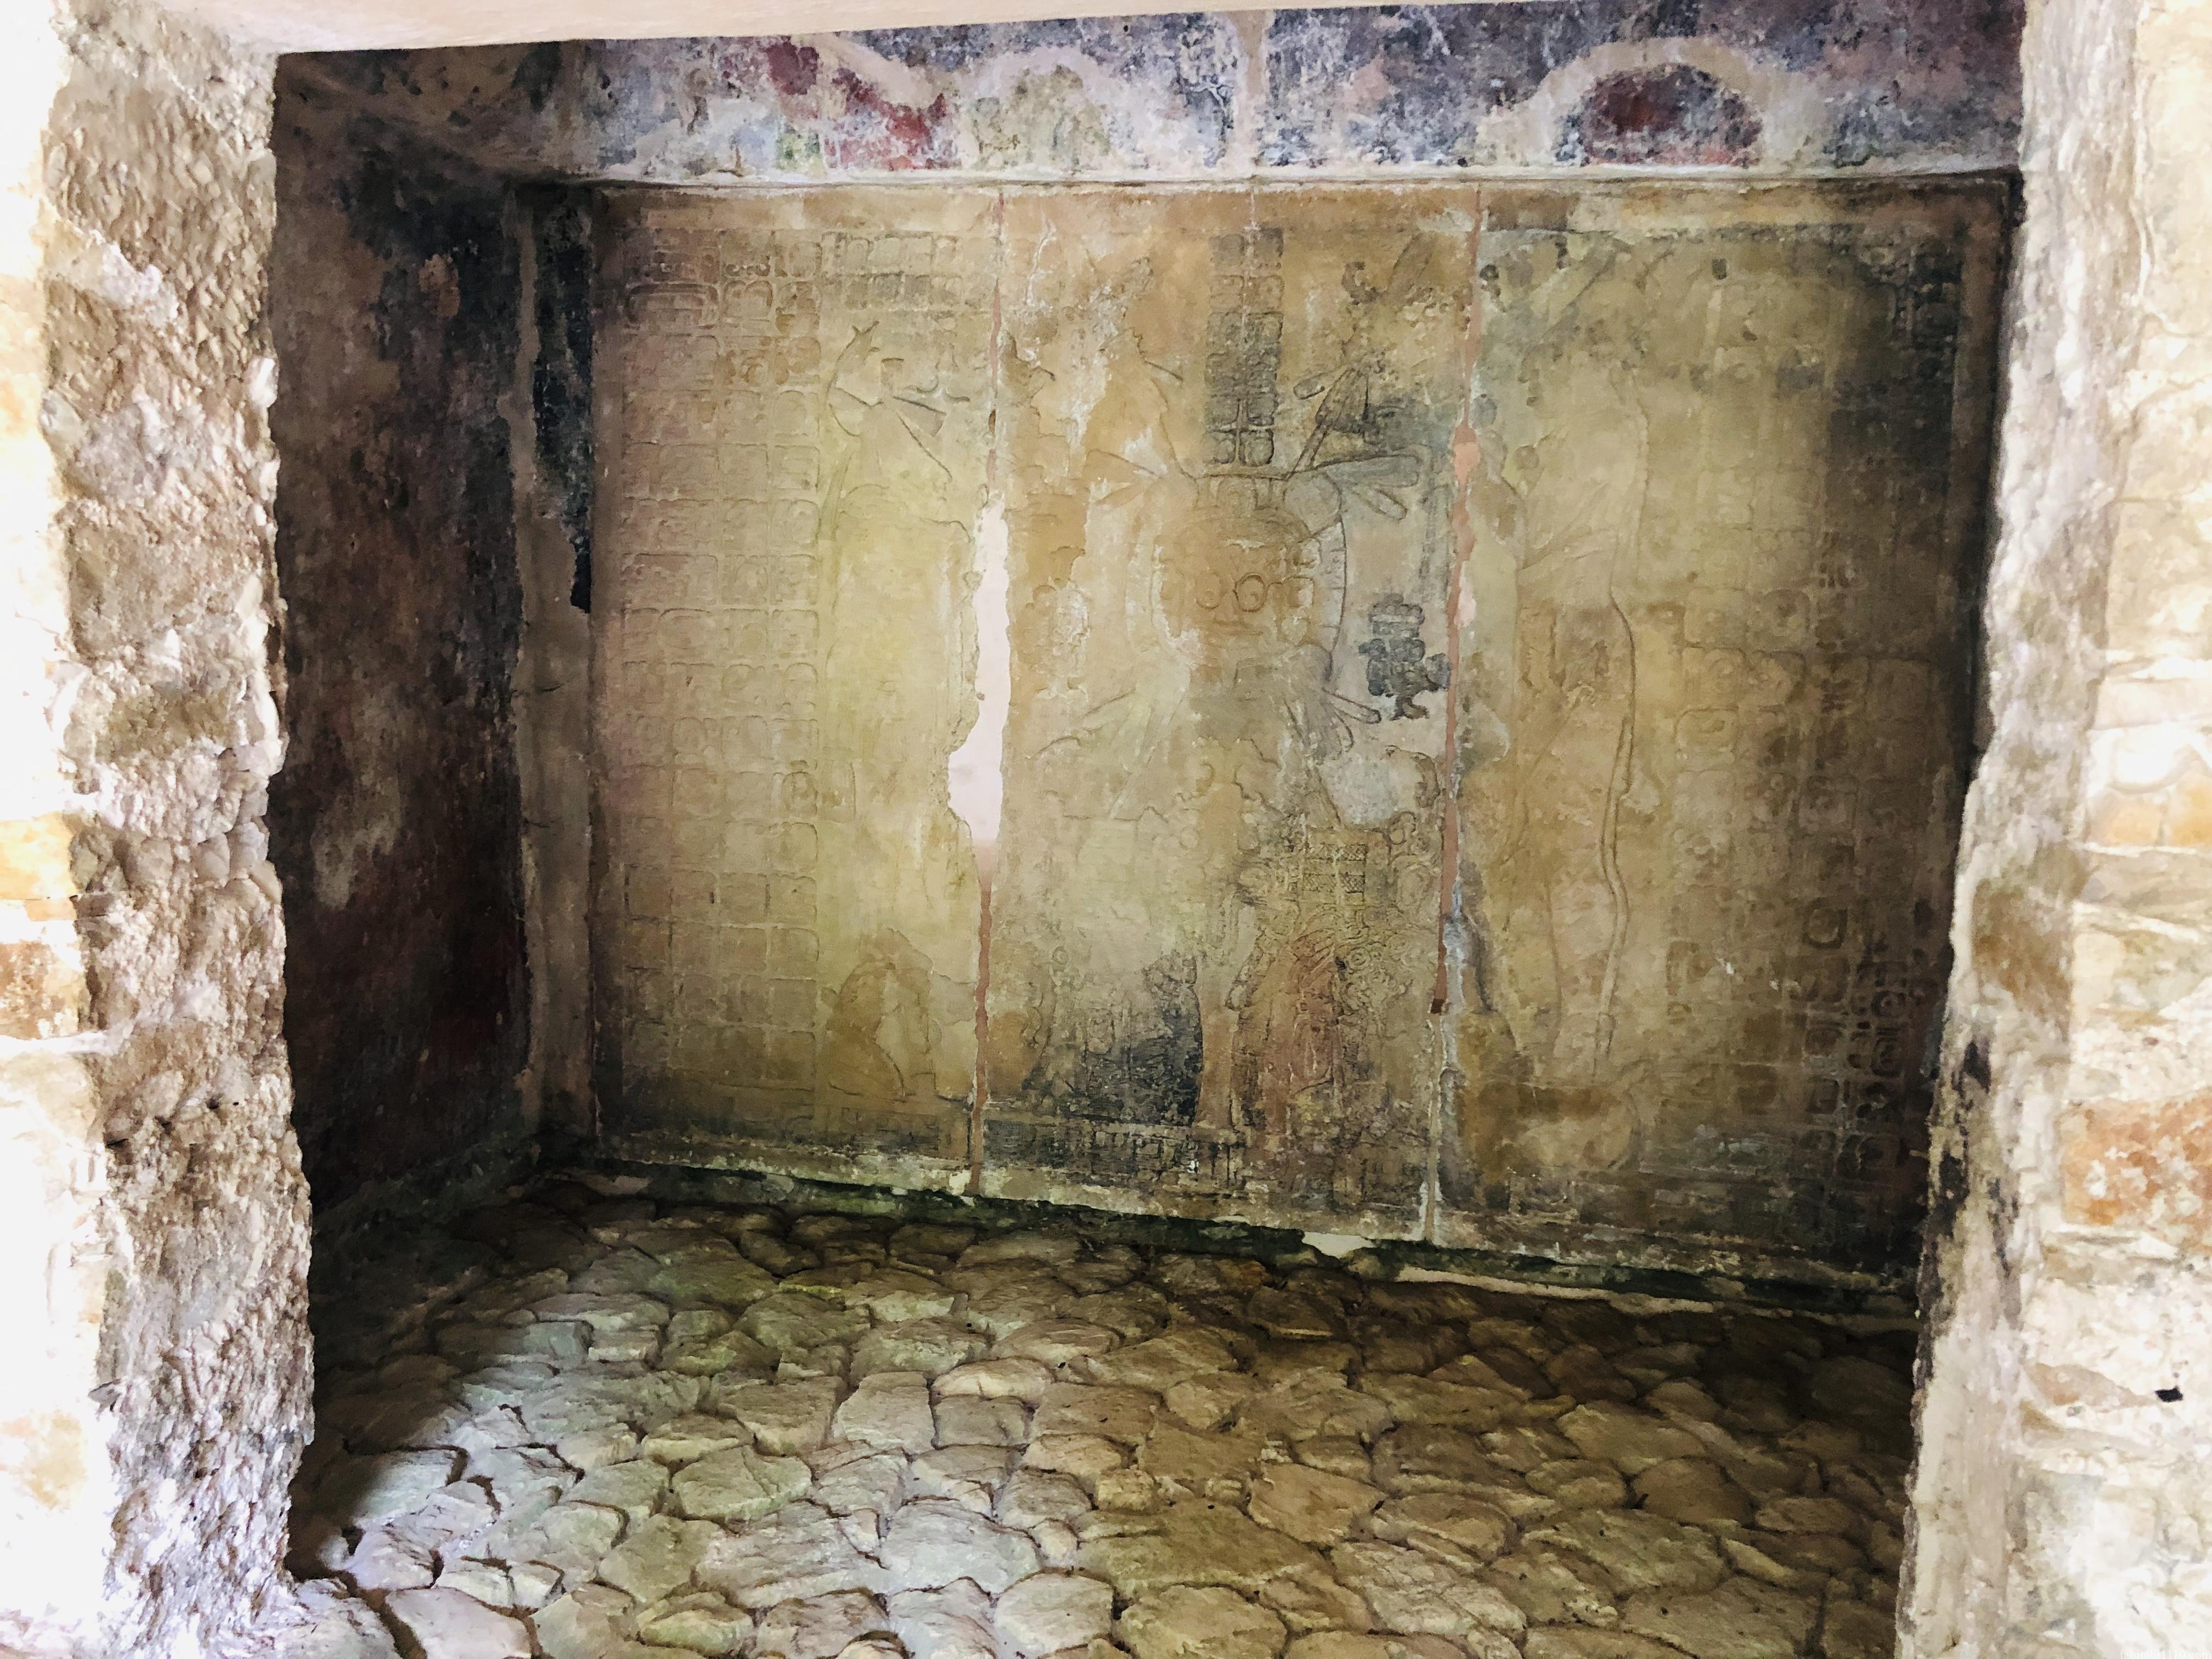 パレンケ遺跡|太陽の神殿の内部